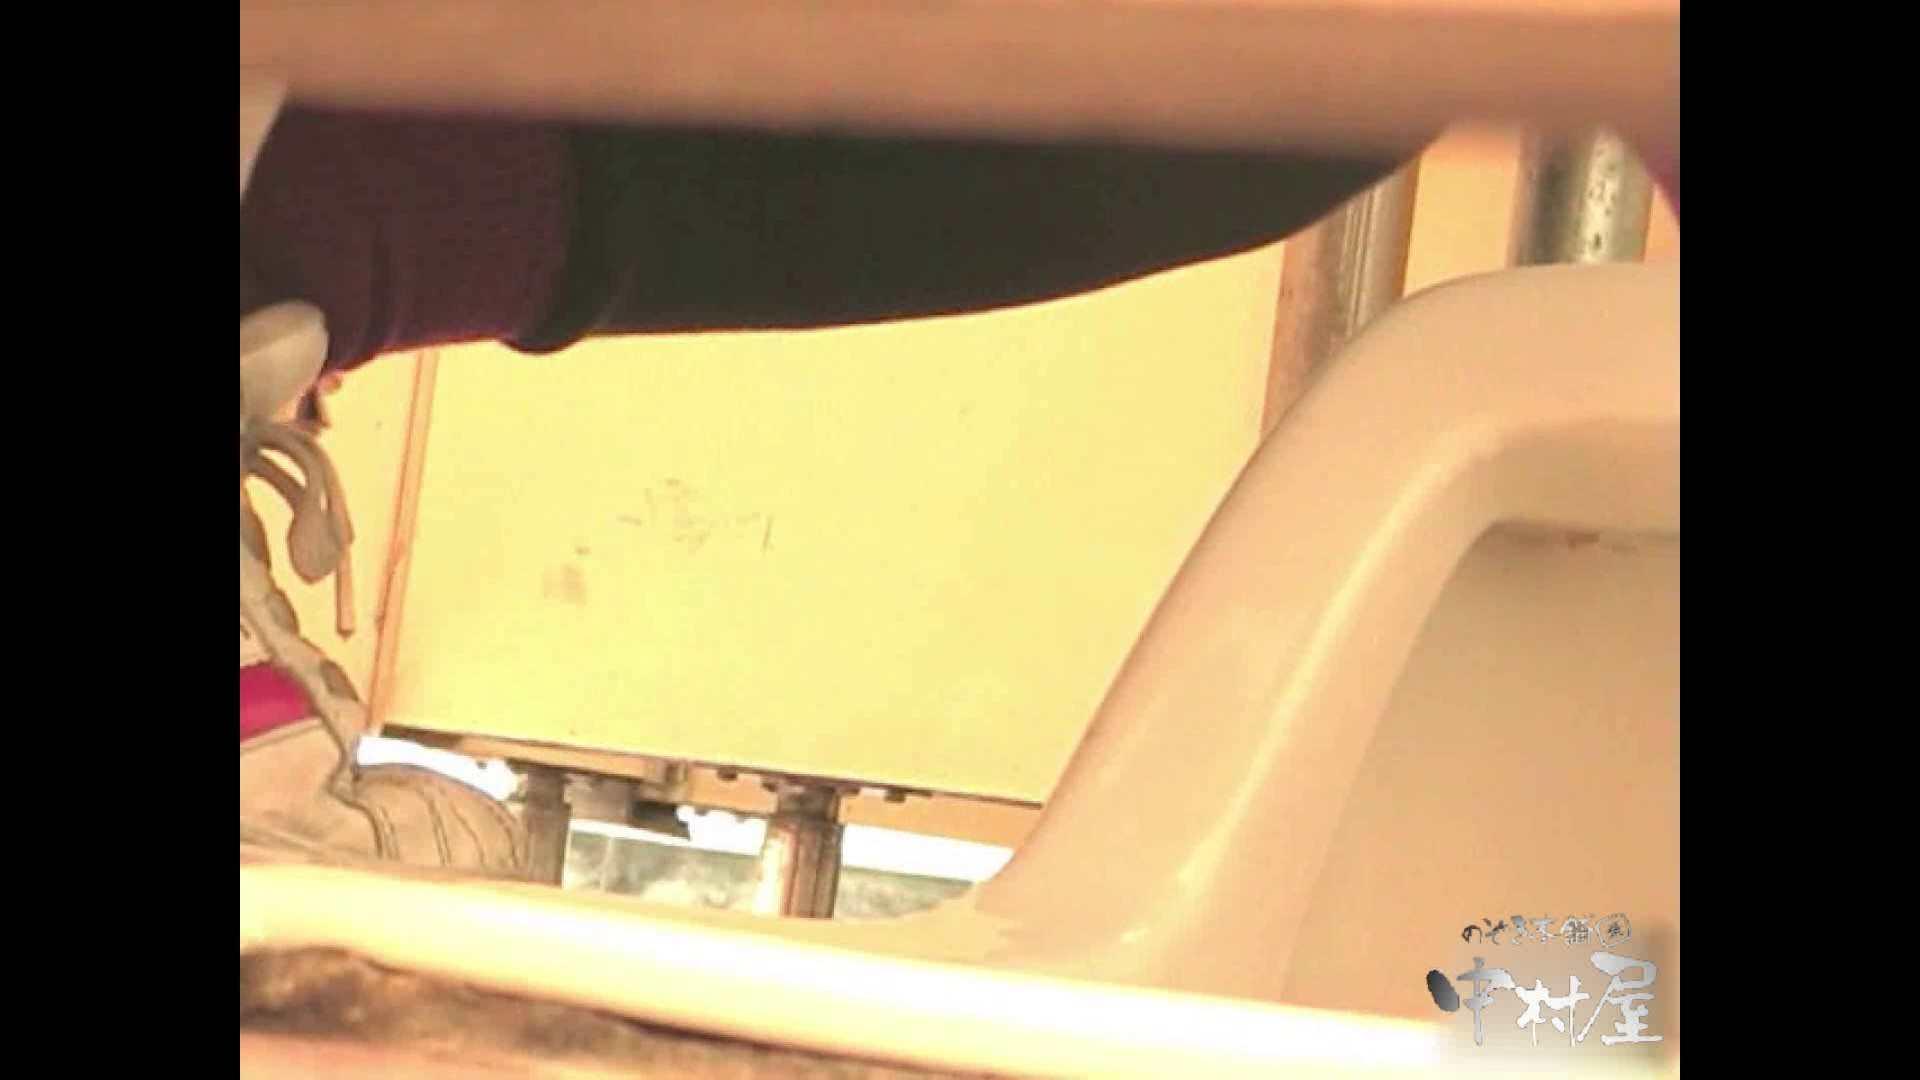 岩手県在住盗撮師盗撮記録vol.02 厠 オマンコ無修正動画無料 53連発 6